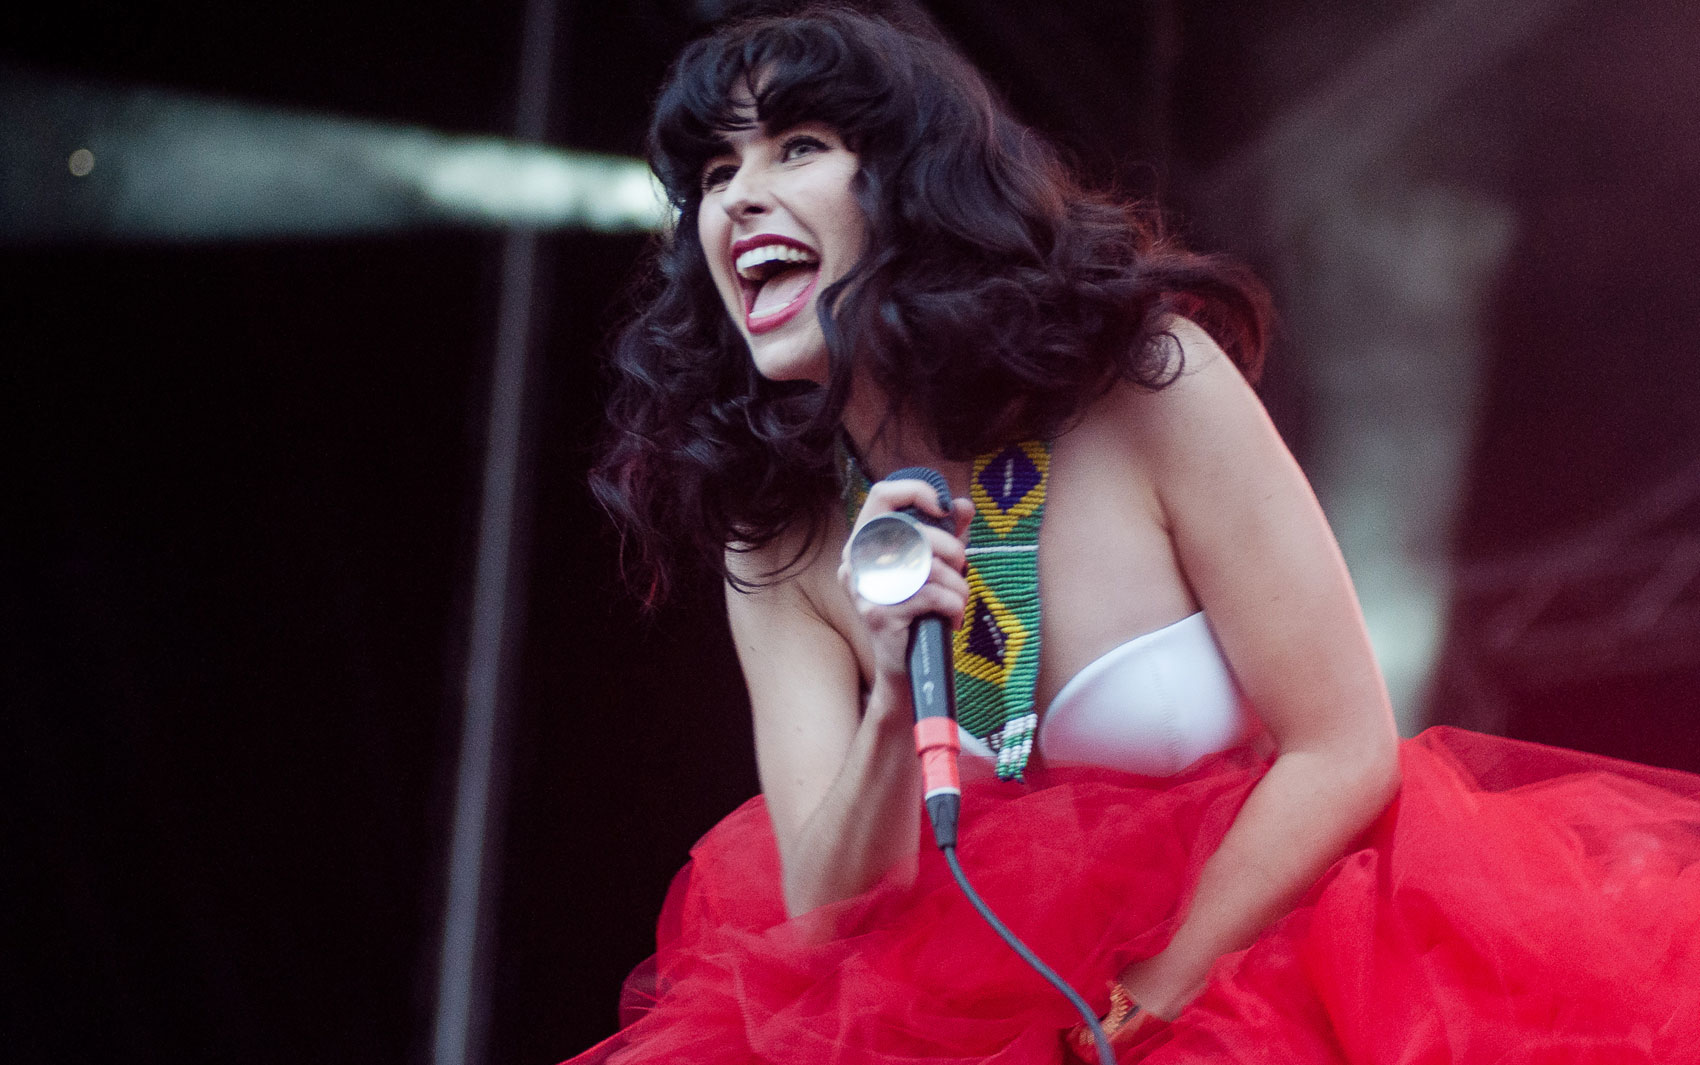 A cantora Kimbra anima o público no Rock in Rio neste domingo (15)